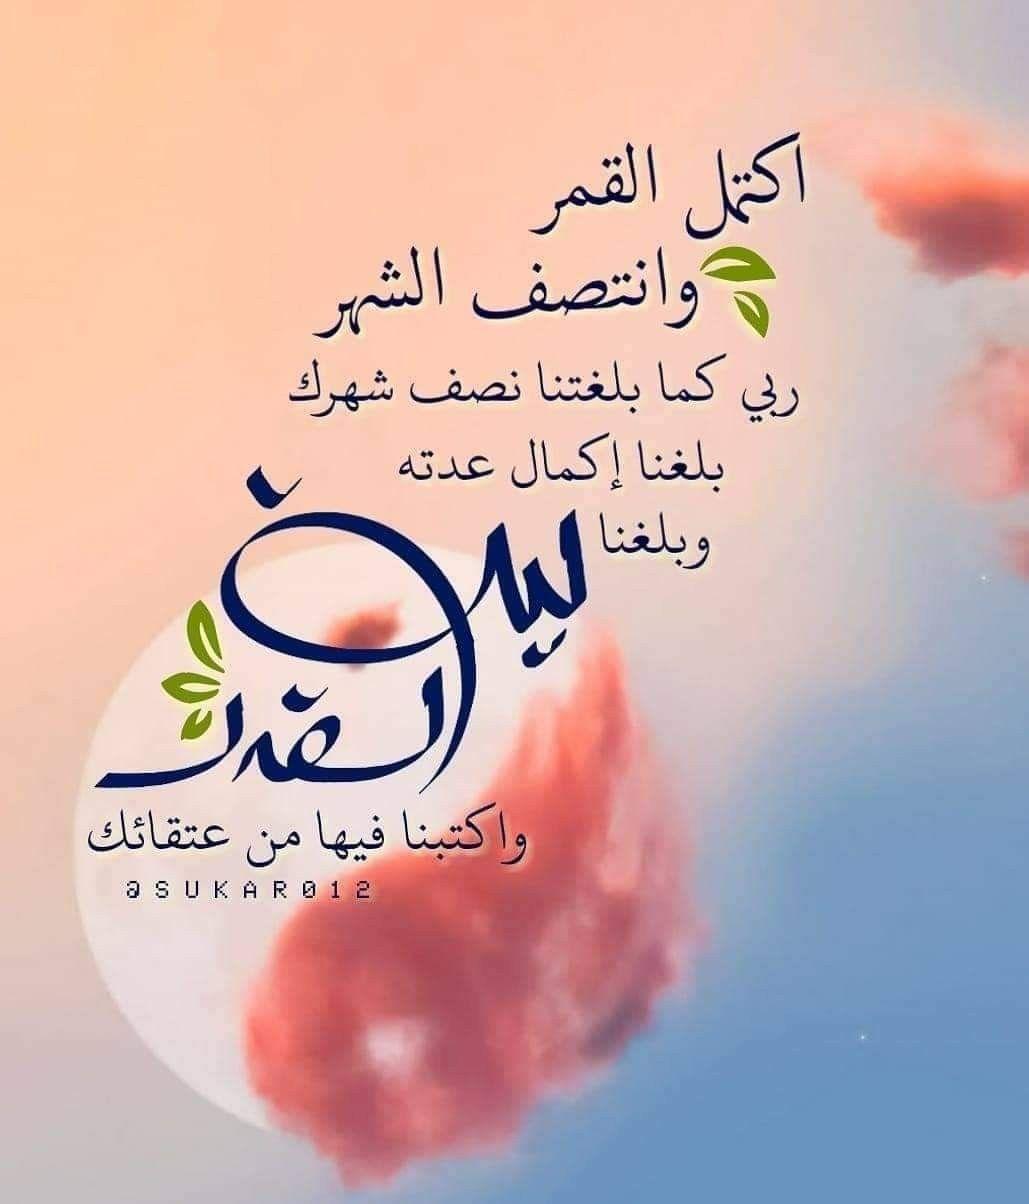 اكتمل القمر وانتصف الشهر ربي كما بلغتنا نصف شهرك بلغنا إكمال عدته وبلغنا ليلة القدر واكتبنا فيها من عتقائك من النار Lins Arabic Calligraphy Poster